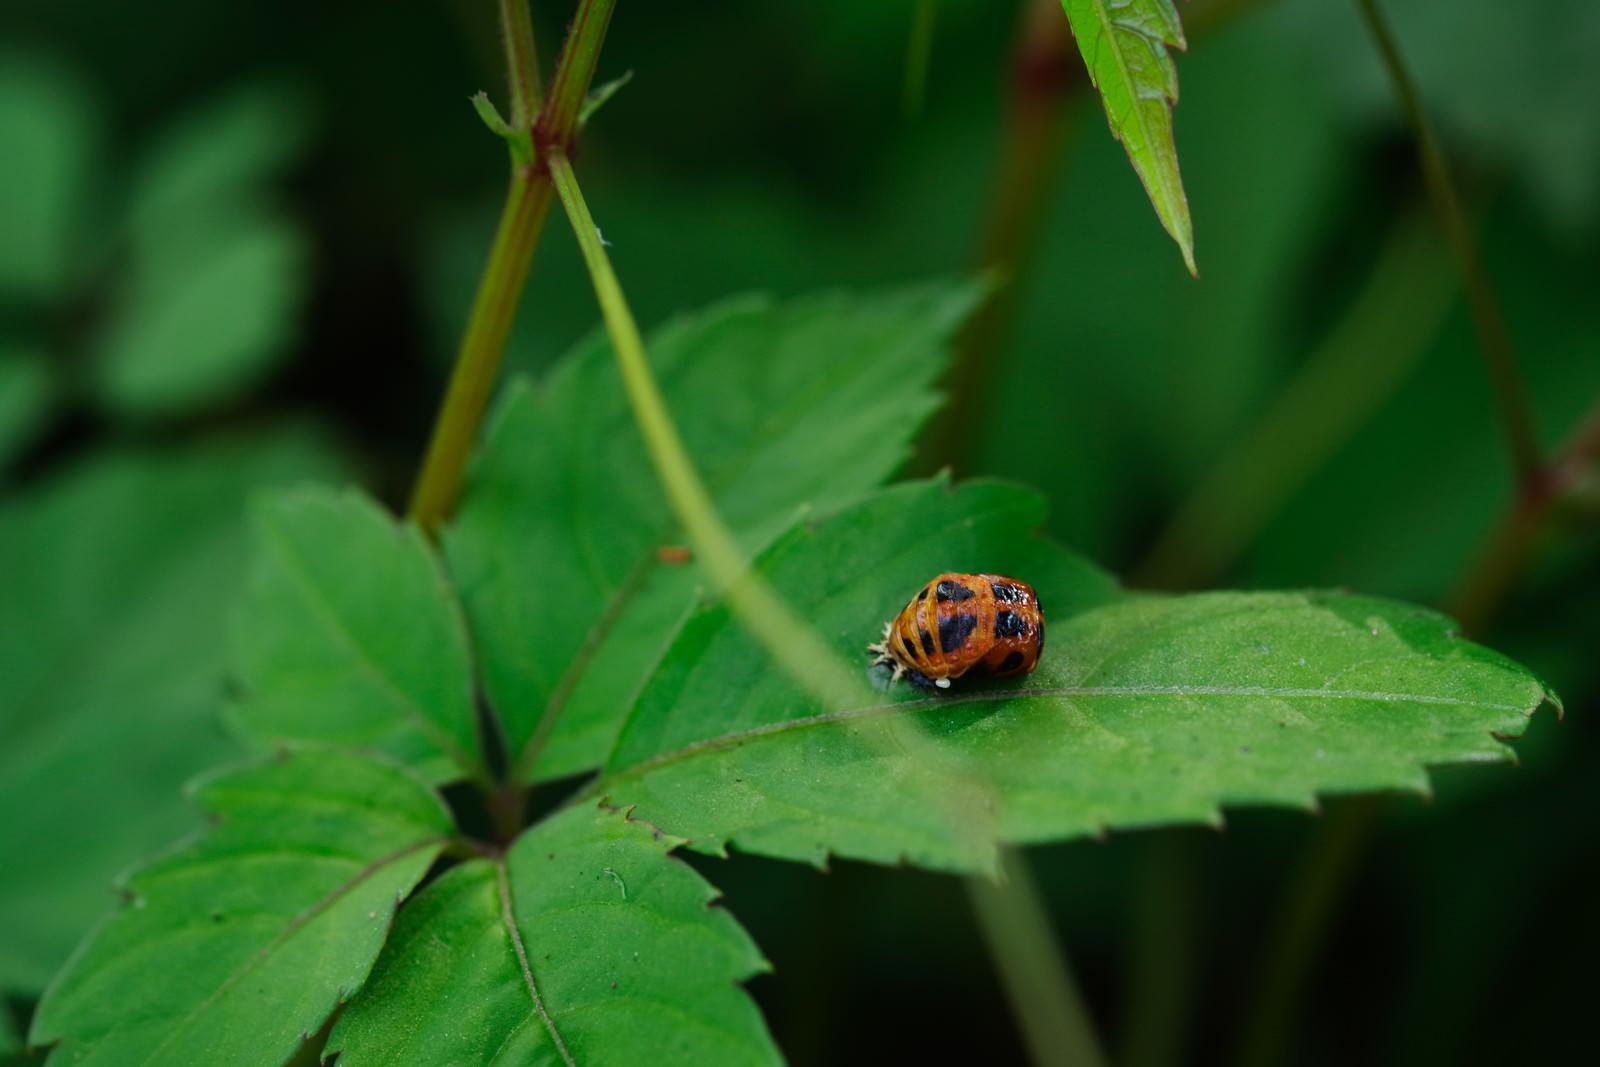 「葉の上に乗る黒い斑点のてんとう虫」の写真